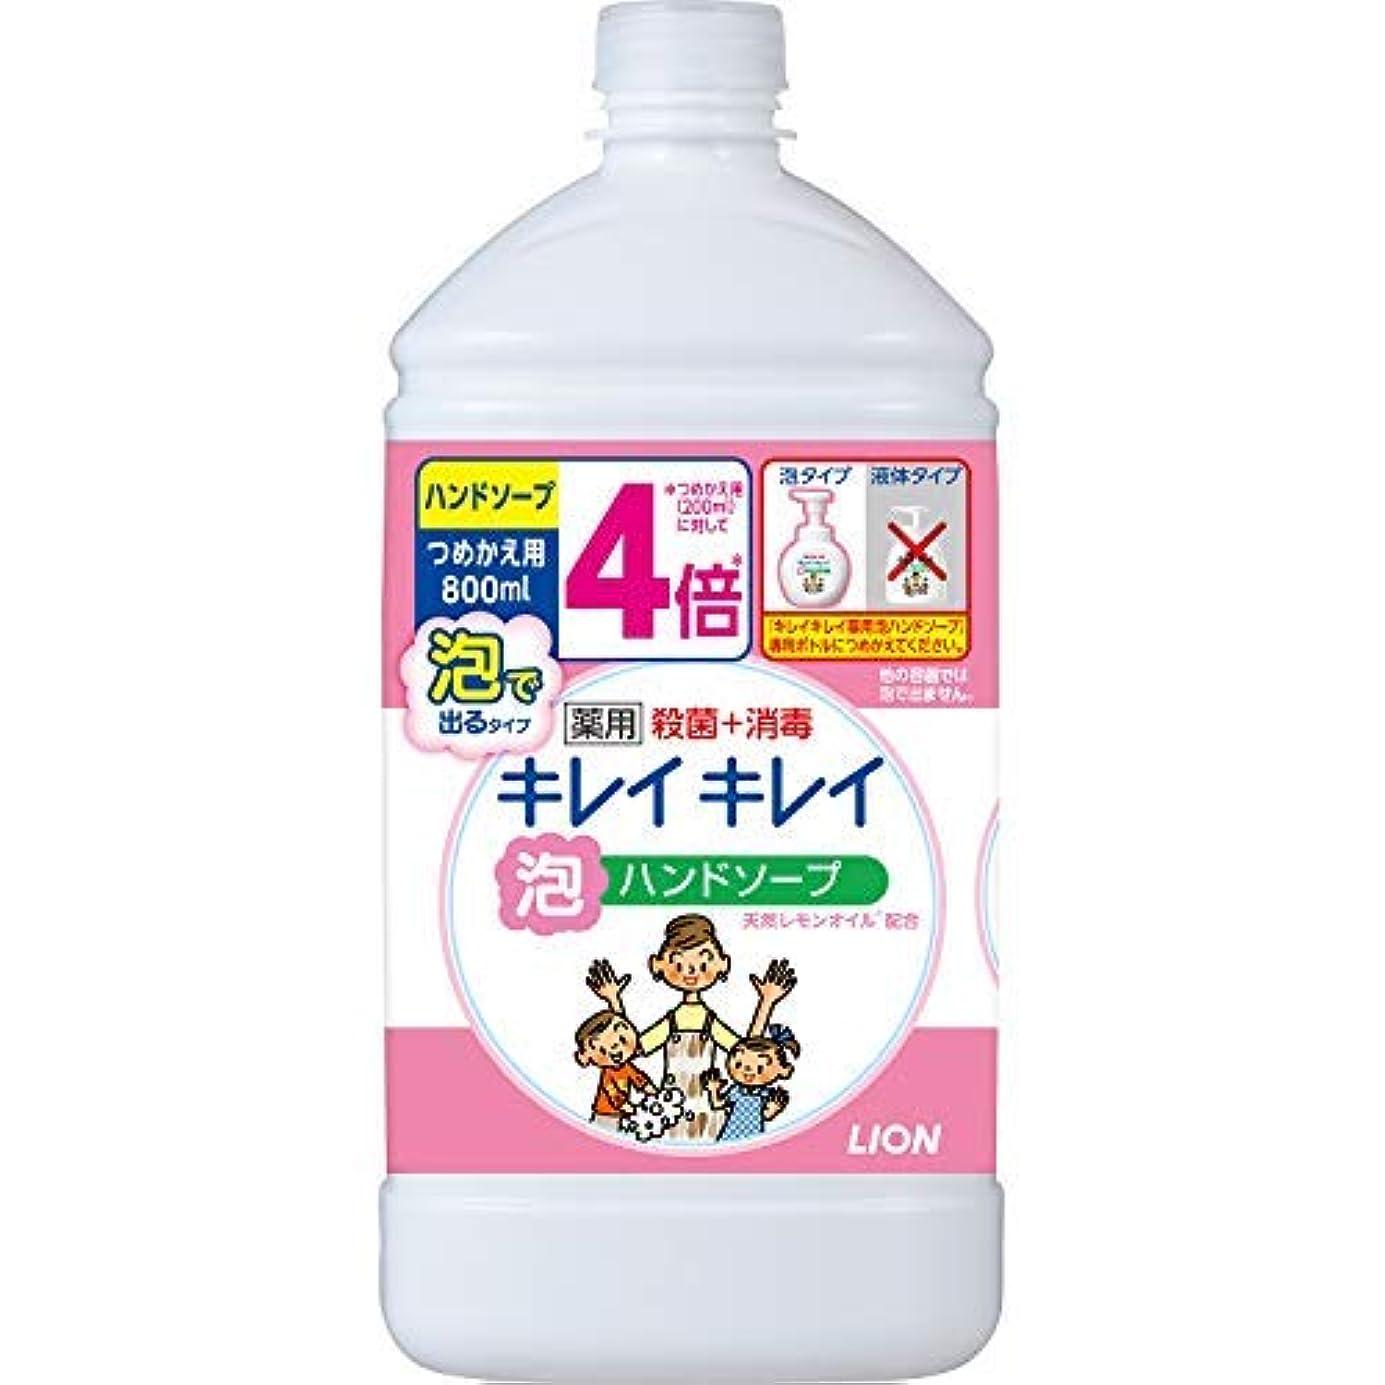 アルプス賢明なピグマリオンキレイキレイ 薬用泡ハンドソープ つめかえ用特大サイズ シトラスフルーティ × 2個セット